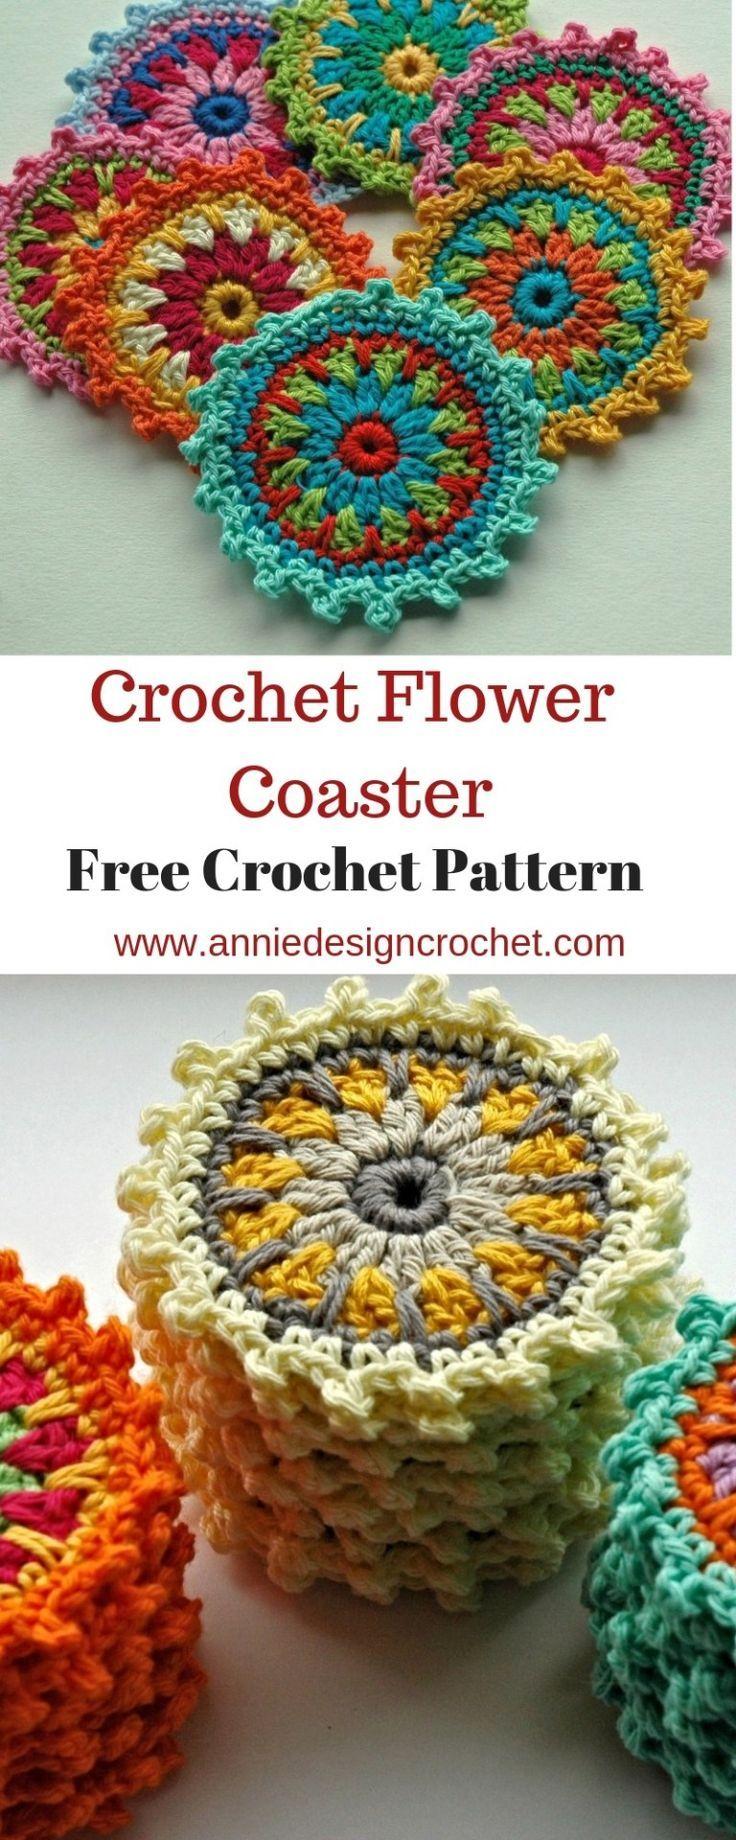 Free crochet pattern for crochet flower motifs, to use as coasters or mini manda... #crochetflowers